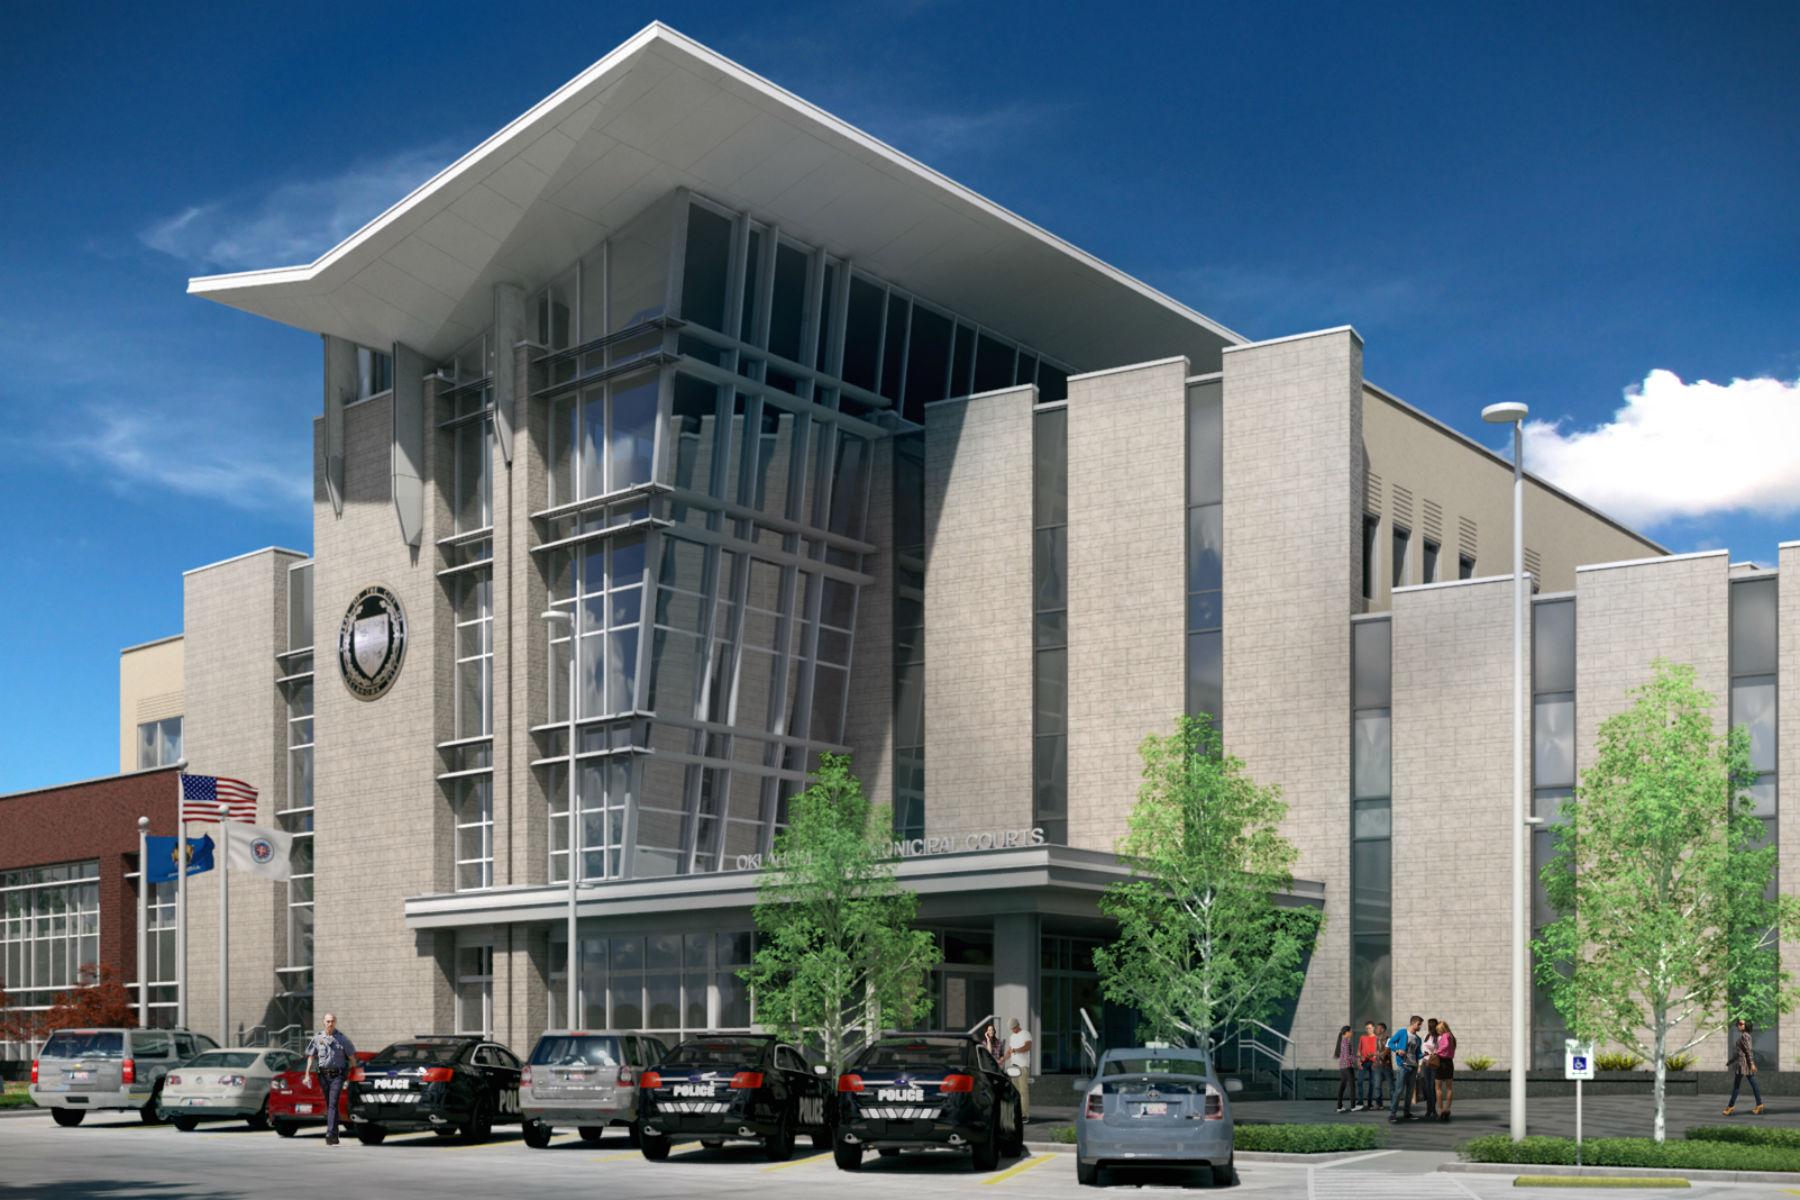 city of okc municipal court